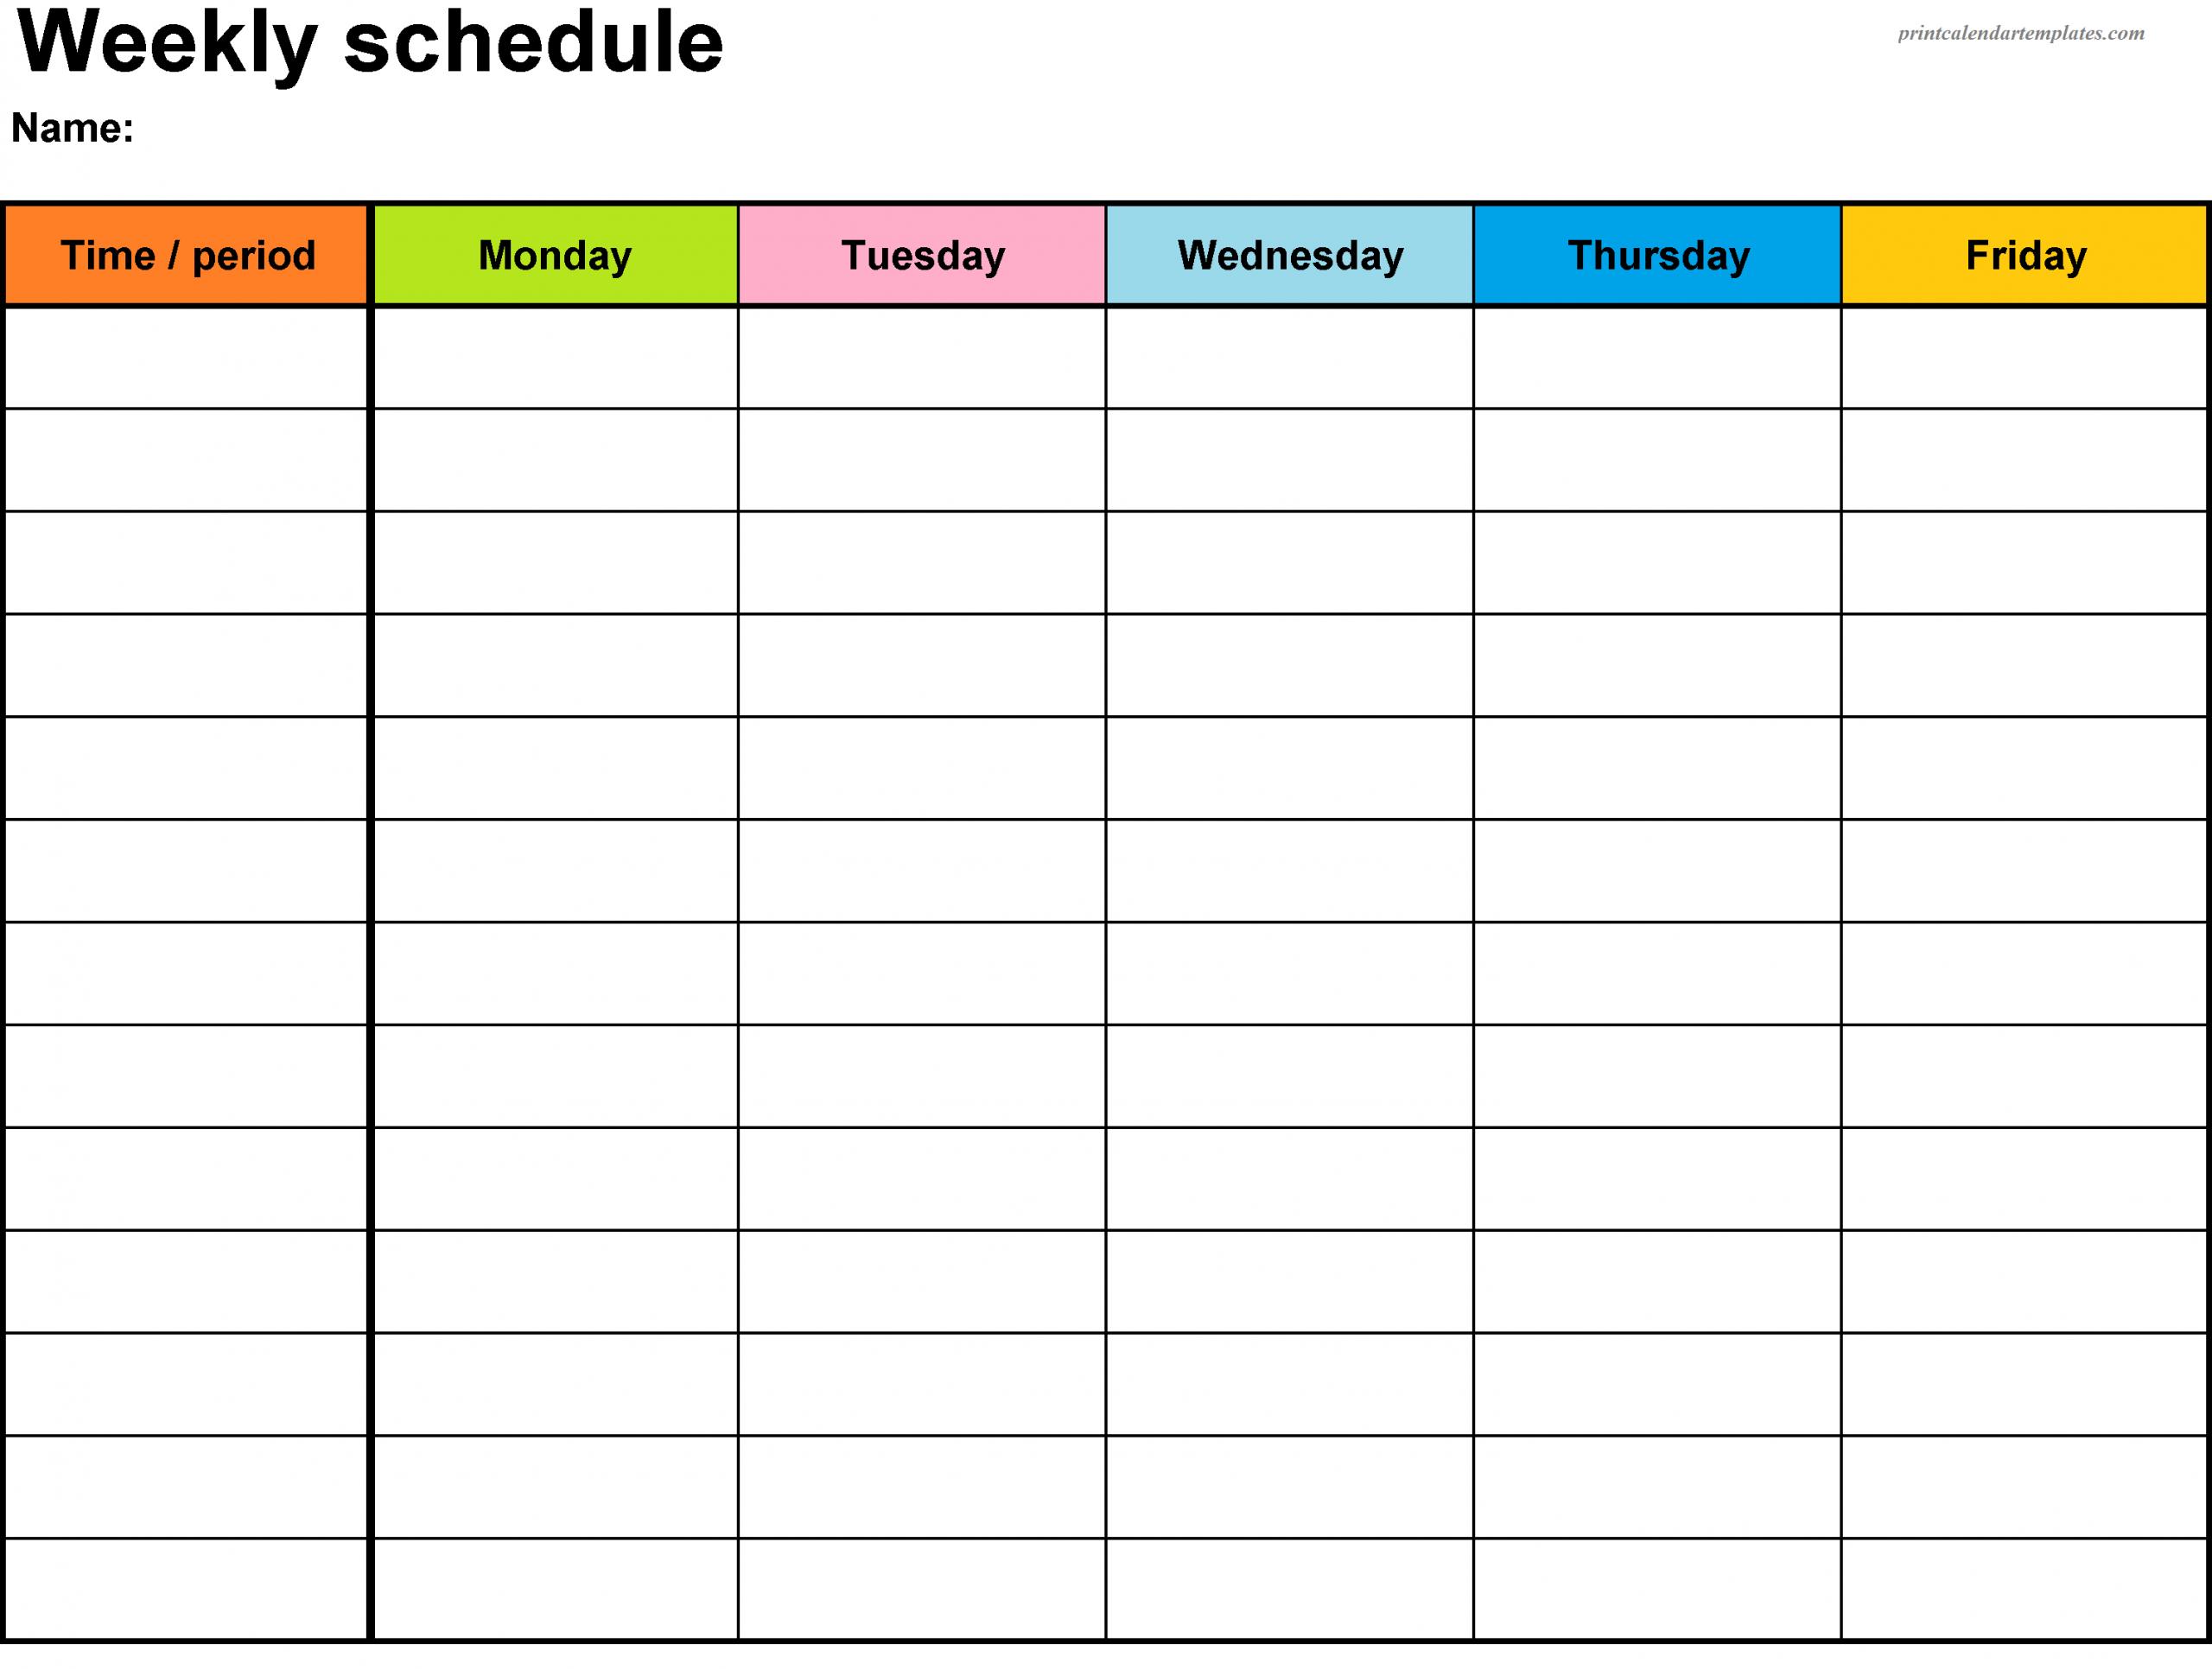 Printable Weekly Calendar 2018 Printable Calendar One Week Schedule Template Printable